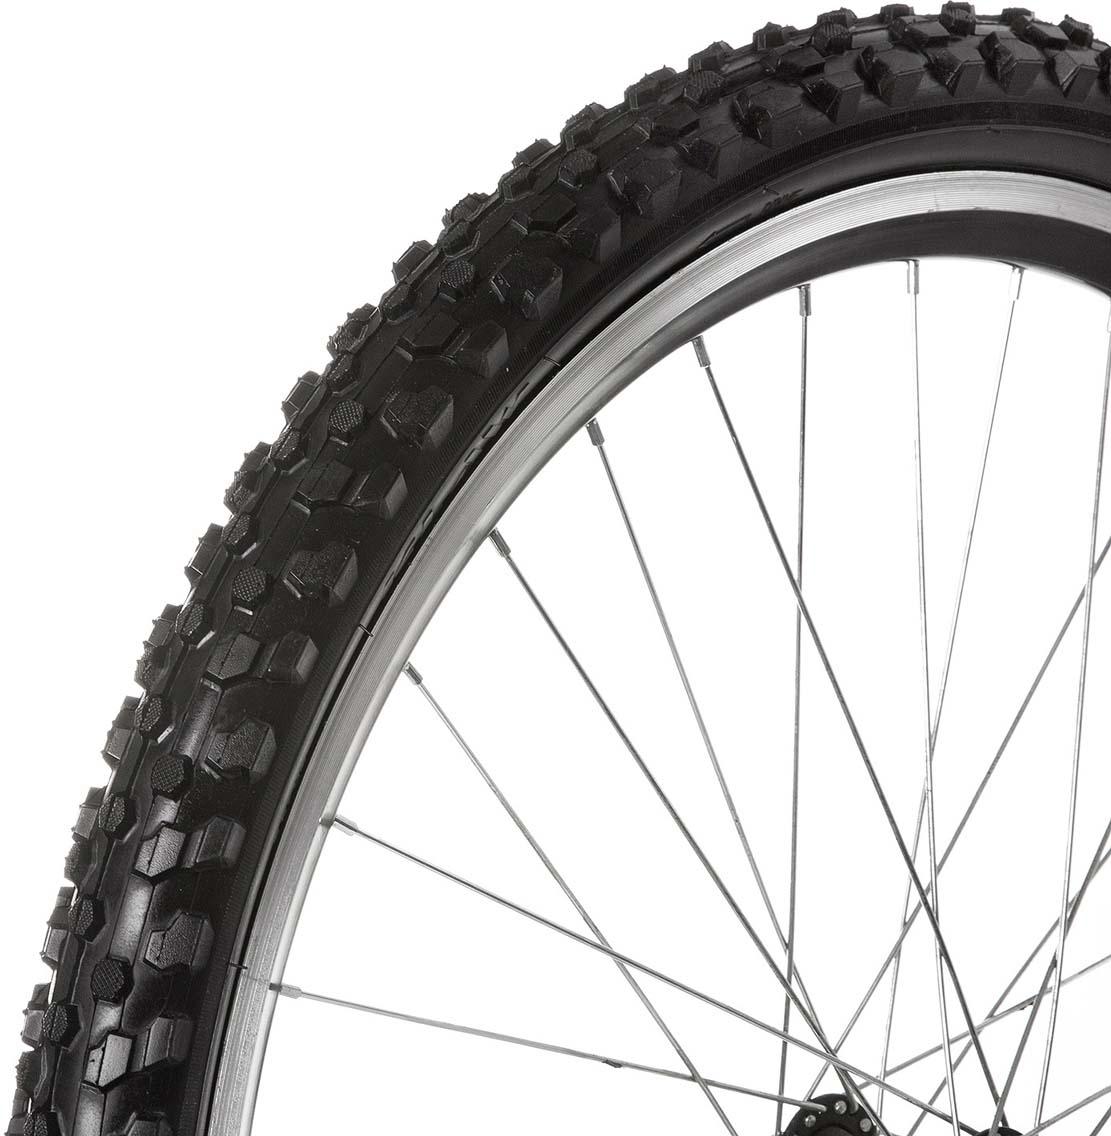 Покрышка велосипедная высокая Kenda Klaw, 26 х 2.10. 5-525662 (54-559) K886R велосипедная покрышка continental mountain king ii 2 2 27 5 x 2 2 чёрная